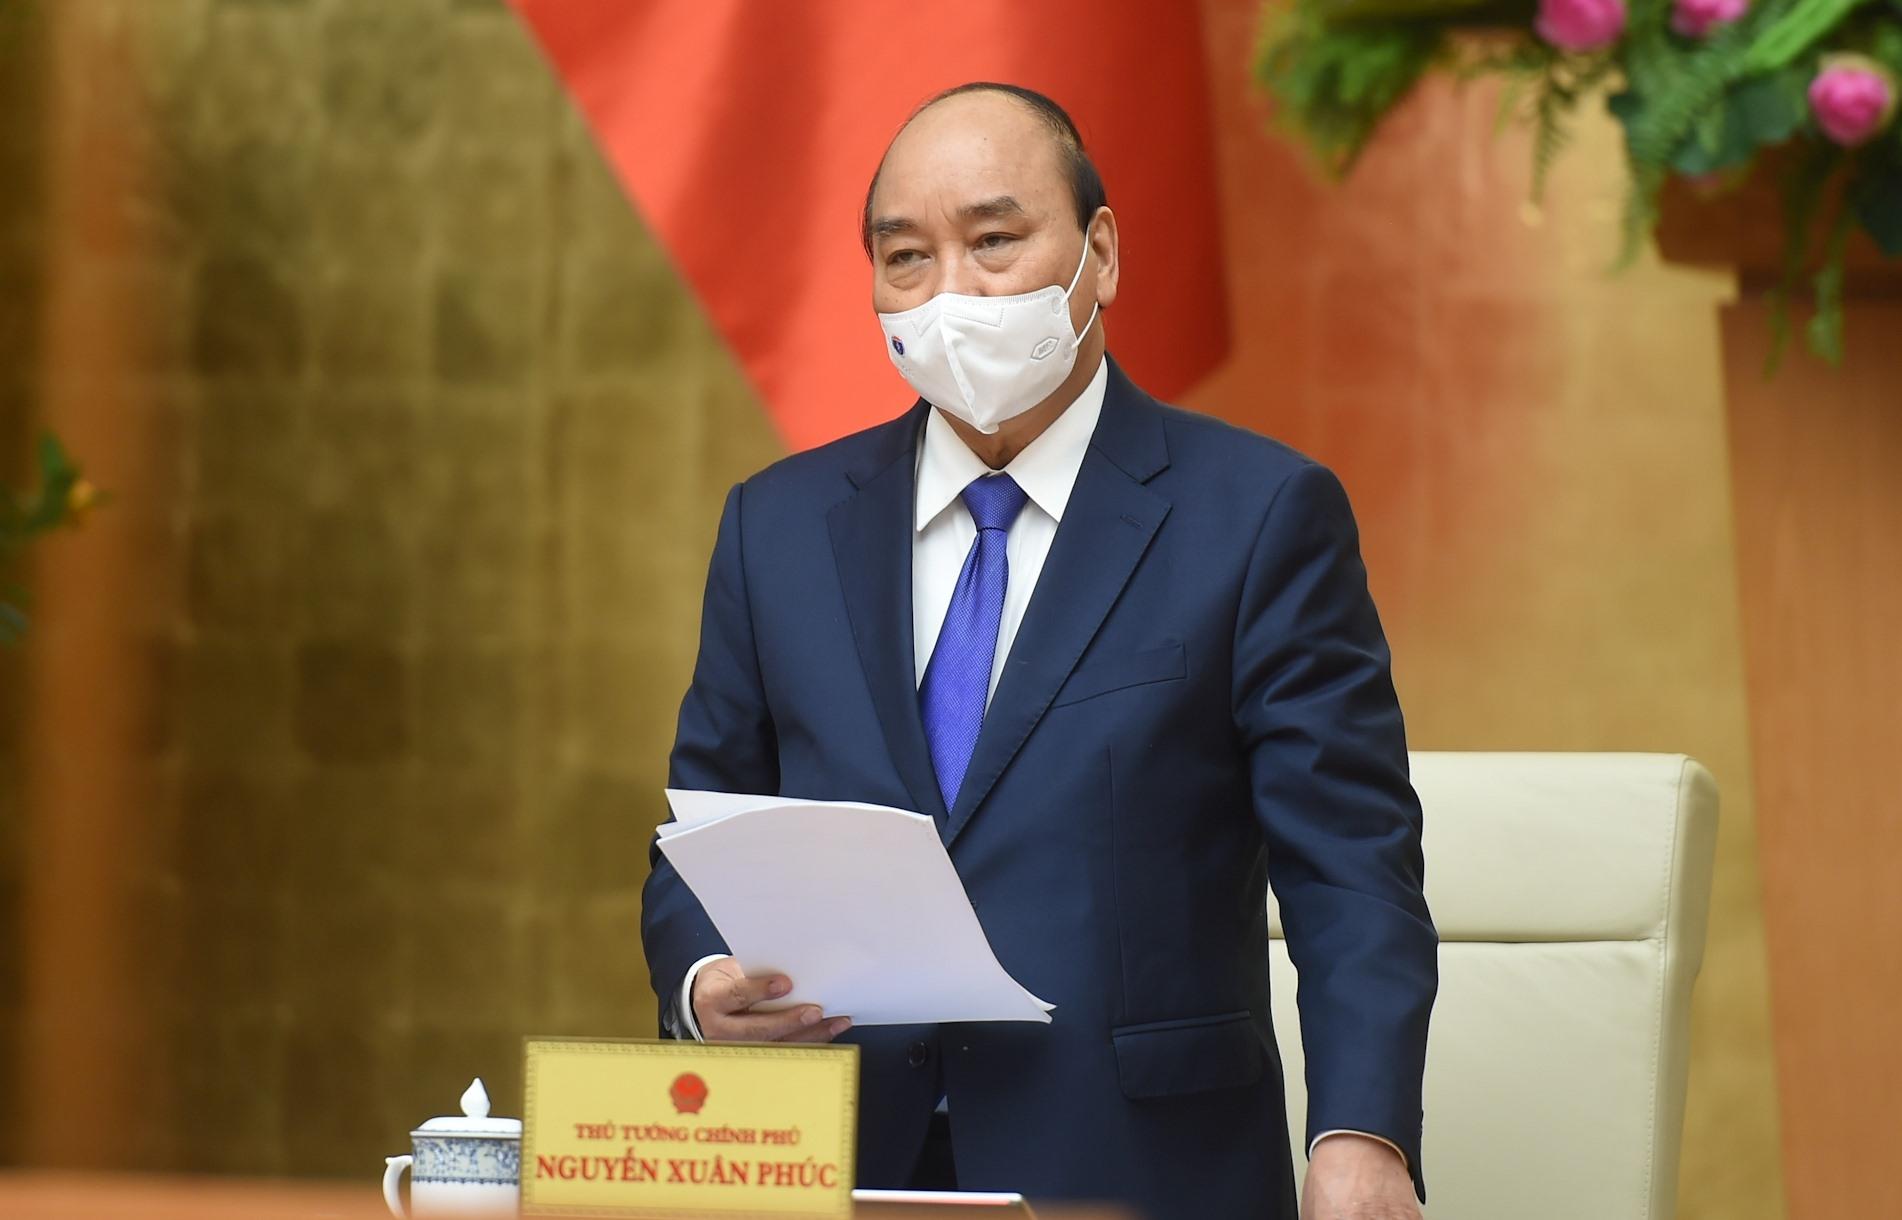 Thủ tướng Nguyễn Xuân Phúc phát biểu chỉ đạo tại cuộc họp.